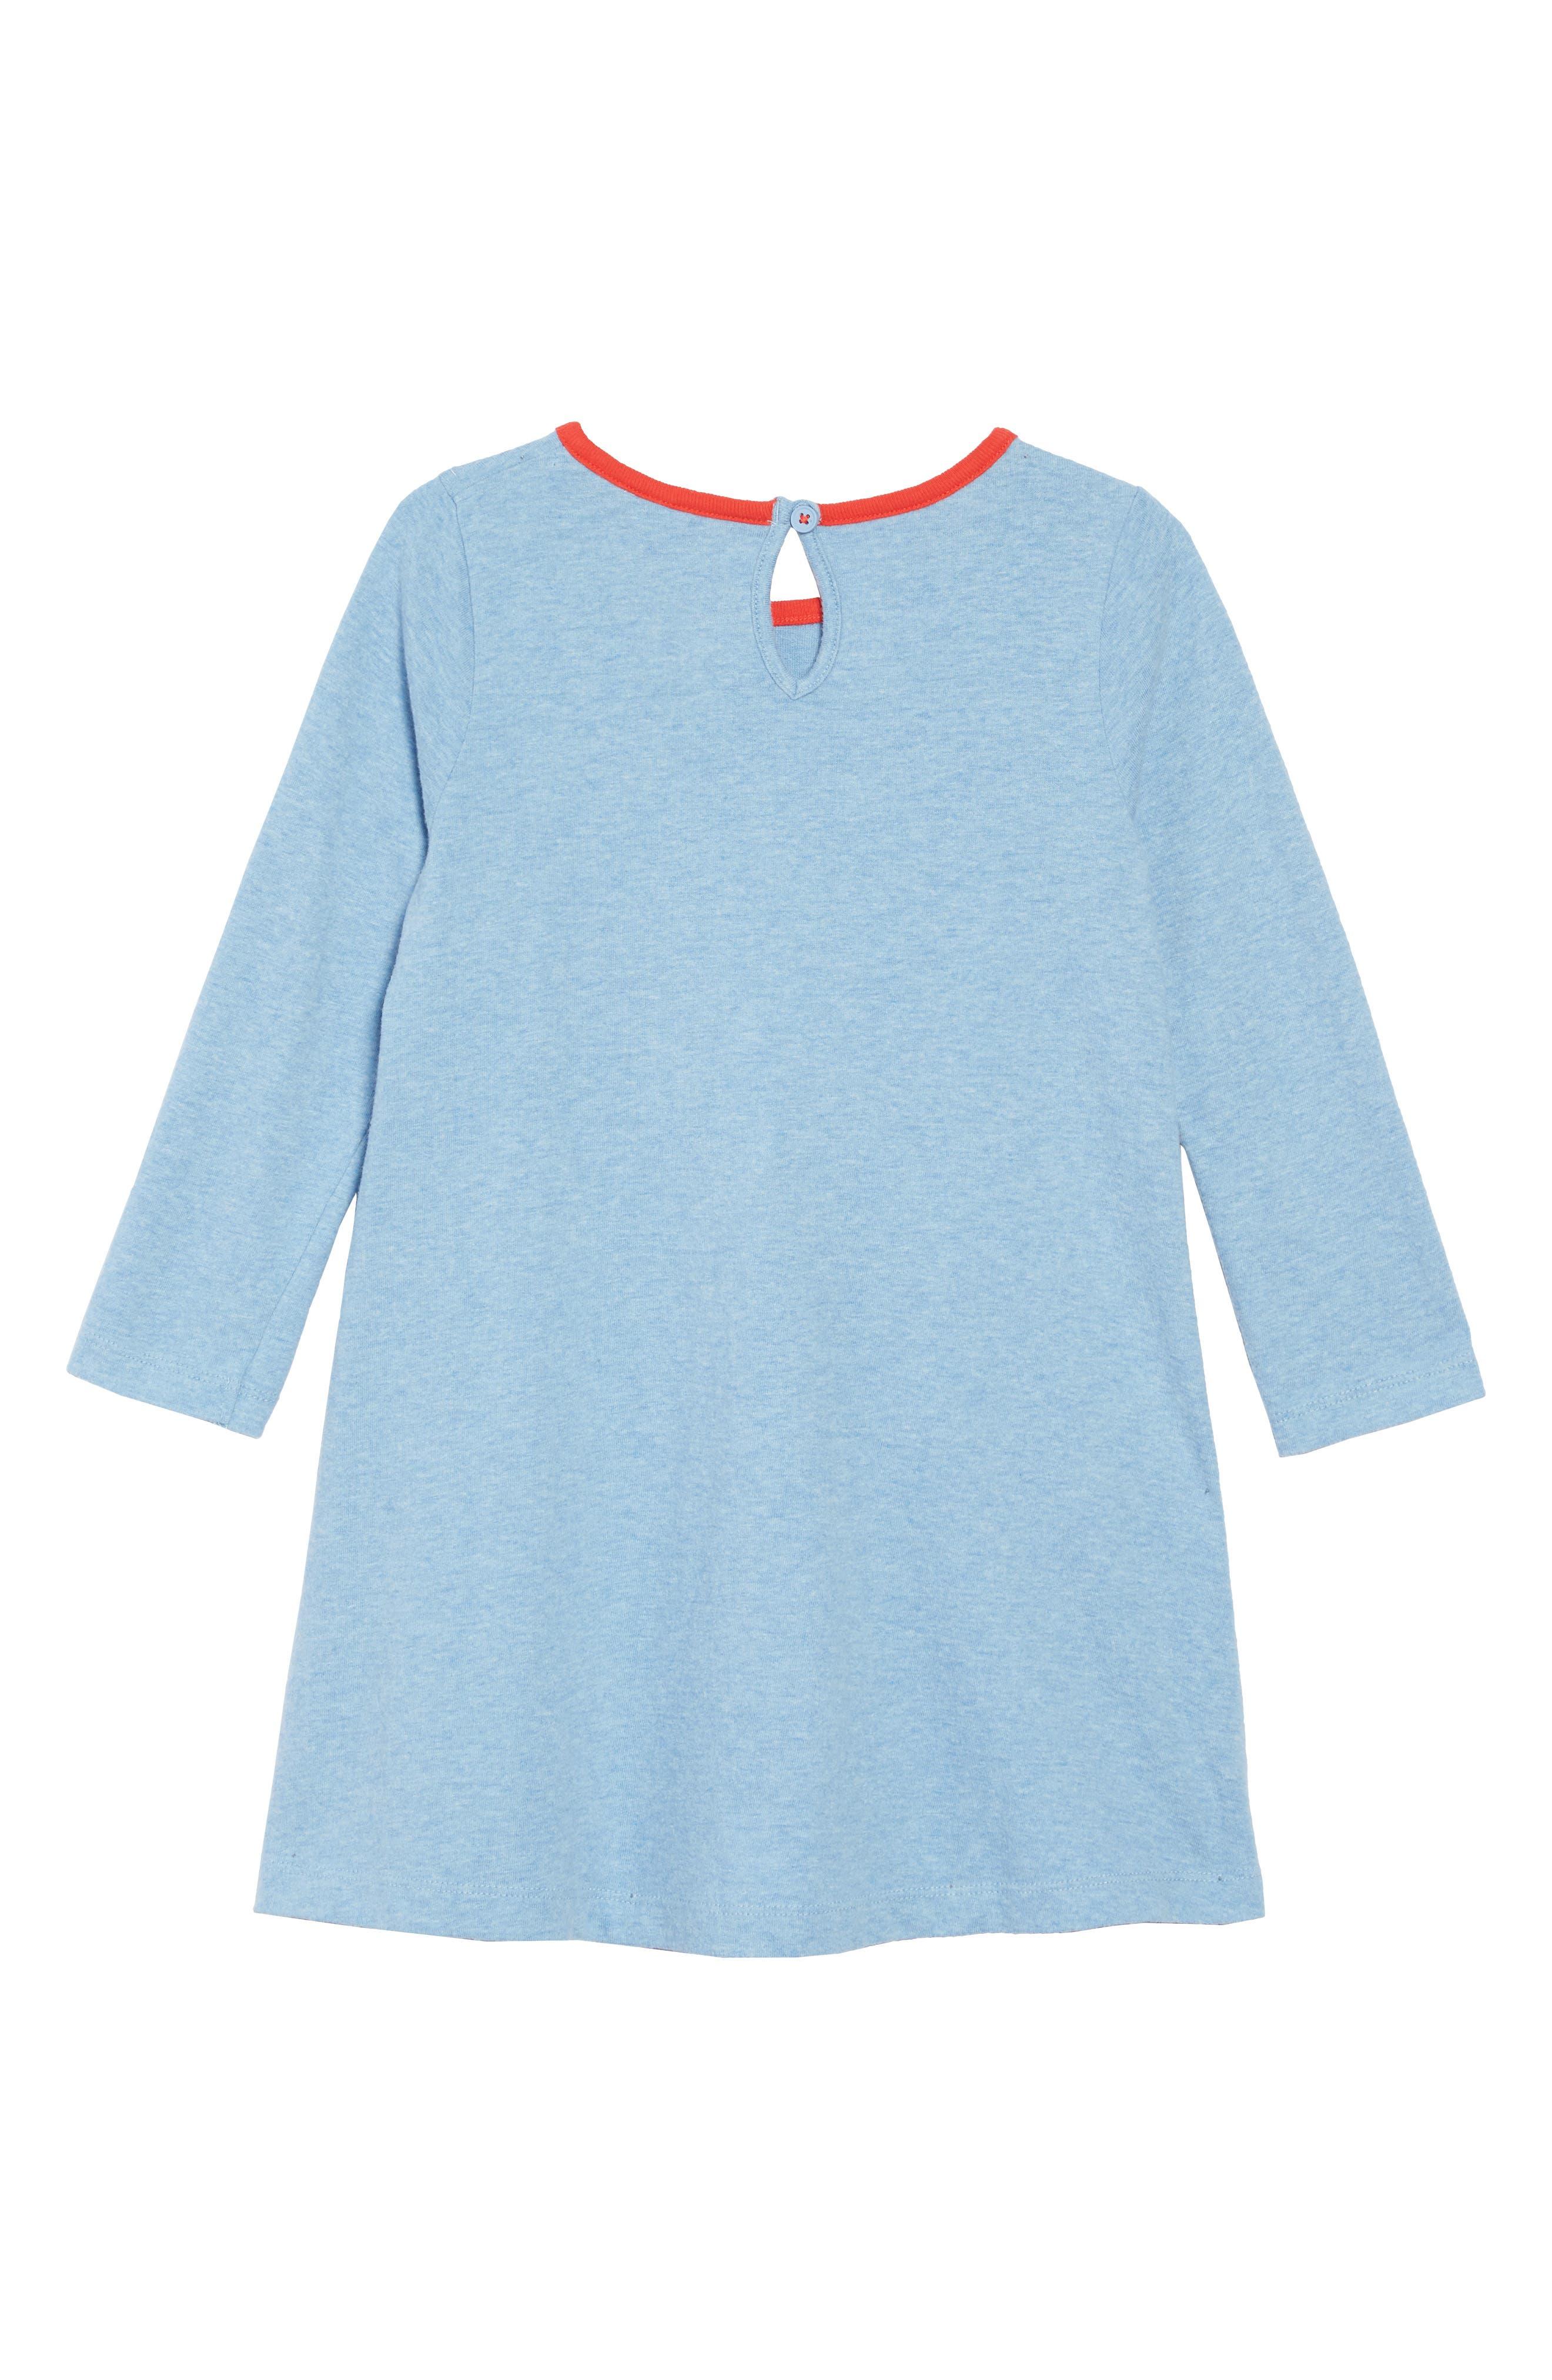 Patchwork Appliqué Dress,                             Alternate thumbnail 2, color,                             BLUE MARL LLAMAS